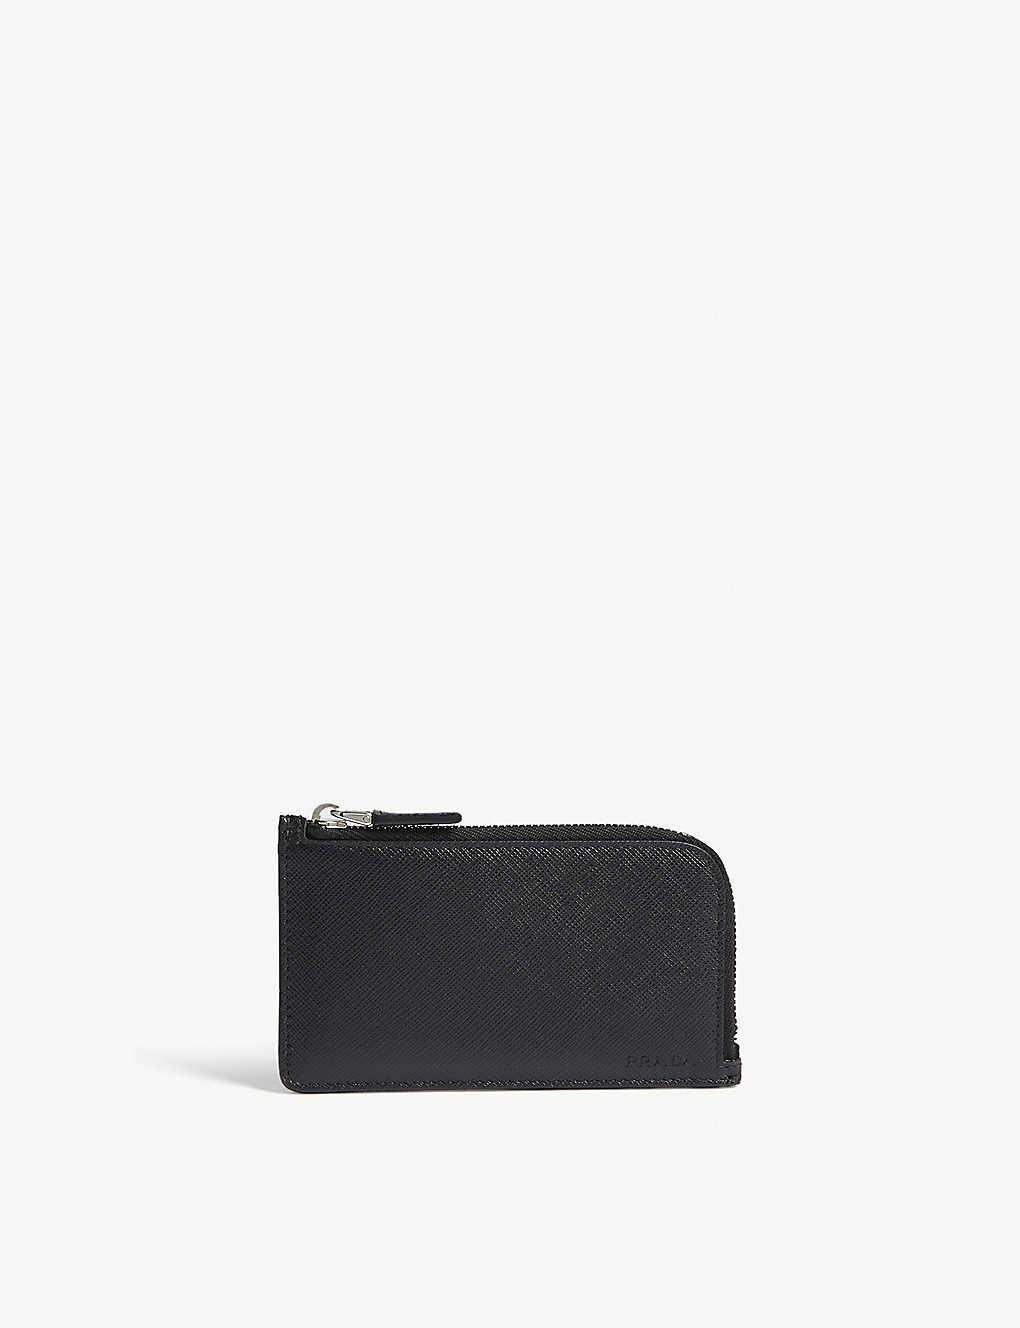 97c1cc13339c2b PRADA - Saffiano leather zipped card case | Selfridges.com